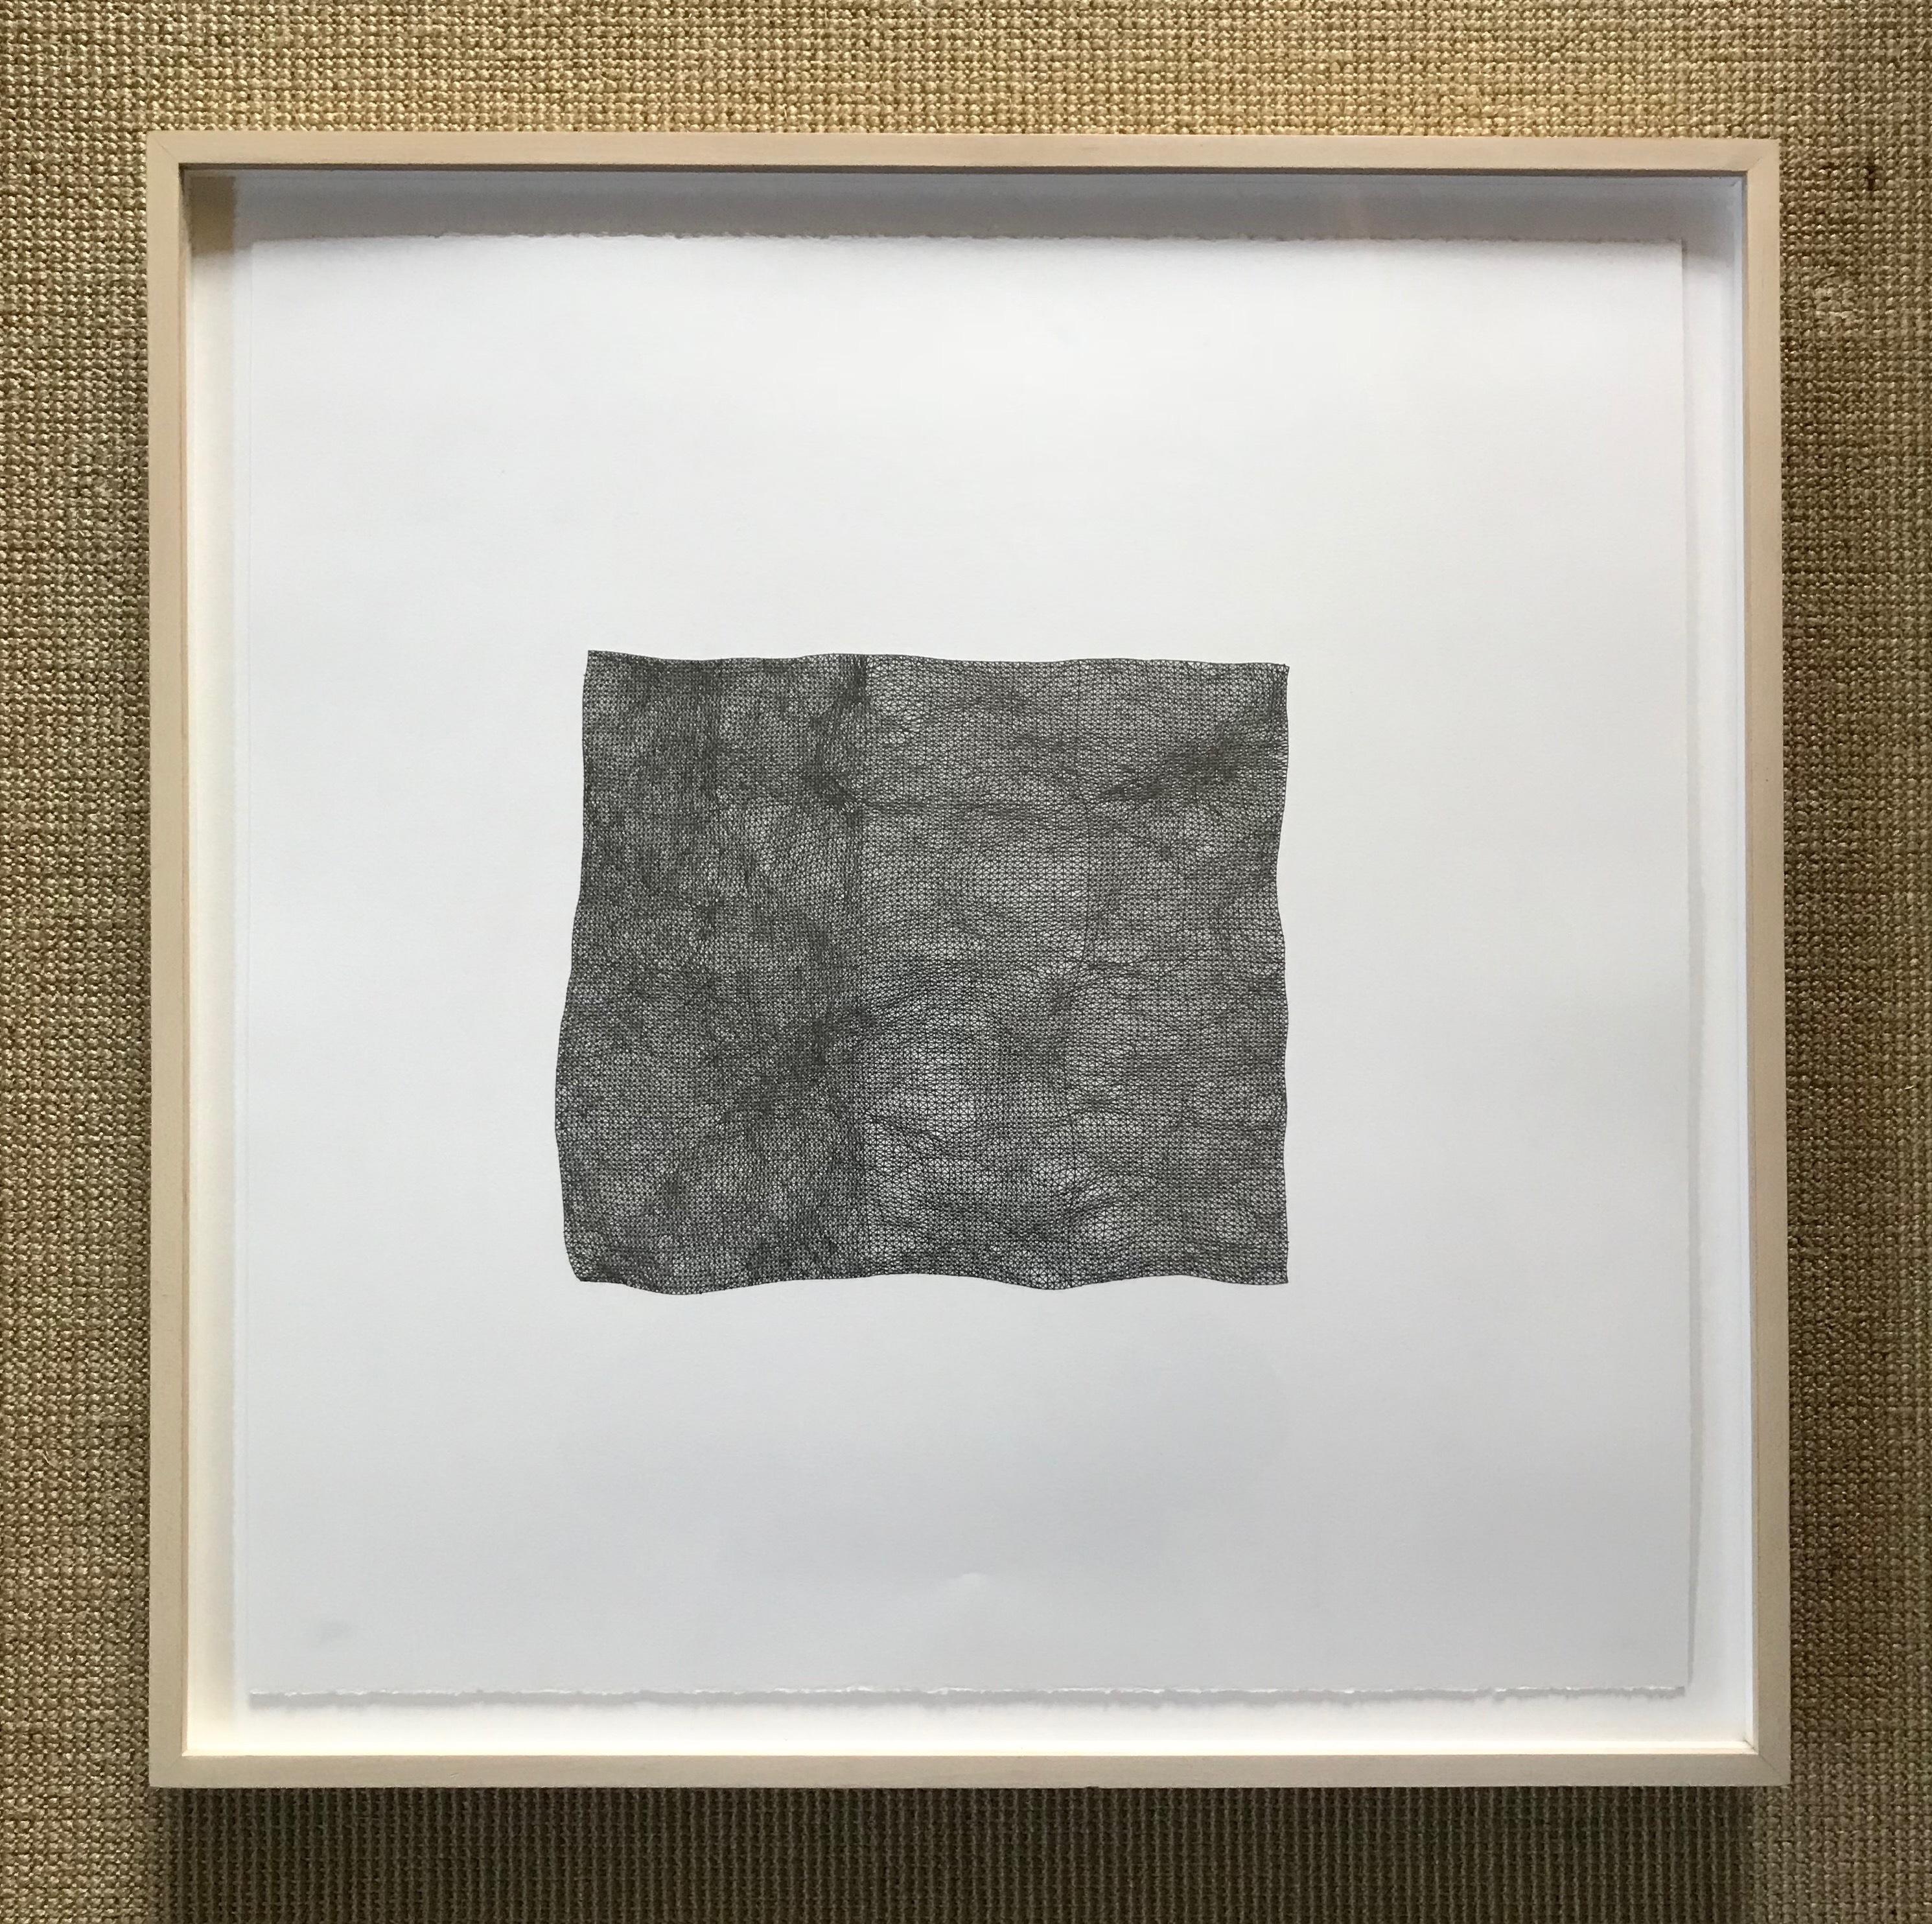 Ben Butler, Studio Visit, October 2017